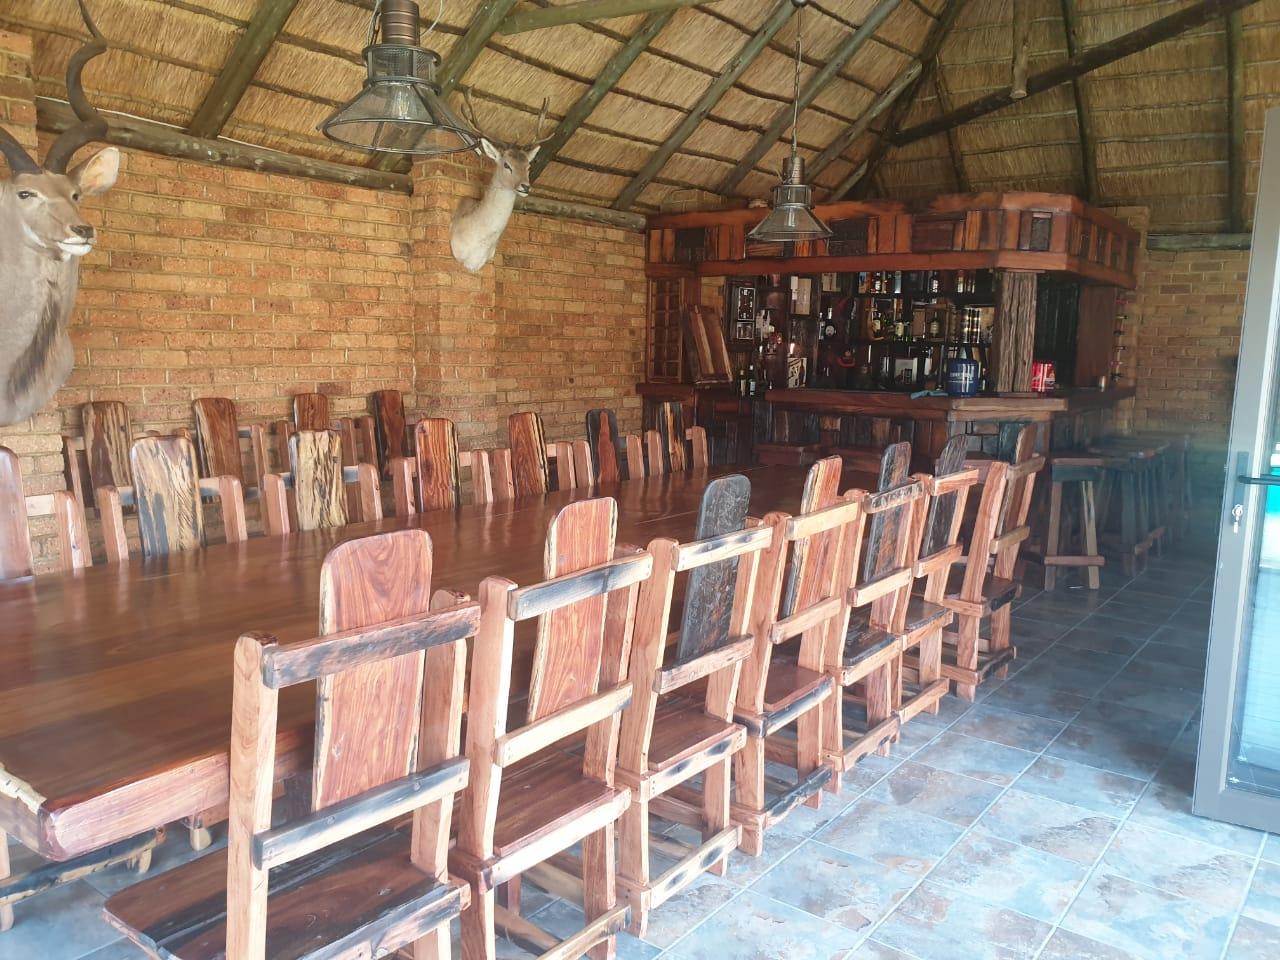 Lodge diningroom furniture